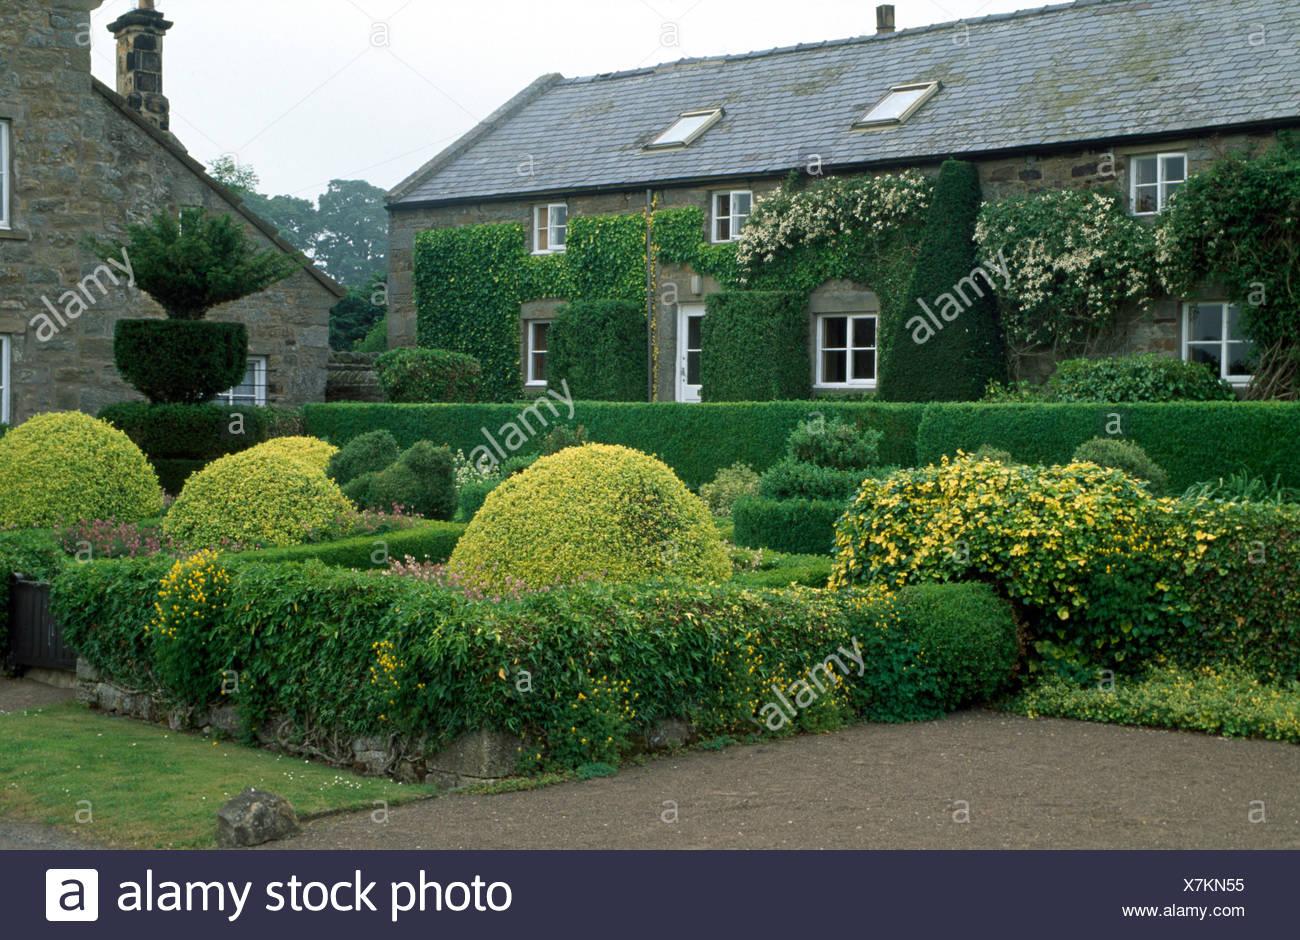 abgeschnittene sträucher und hecken im garten des landhauses mit